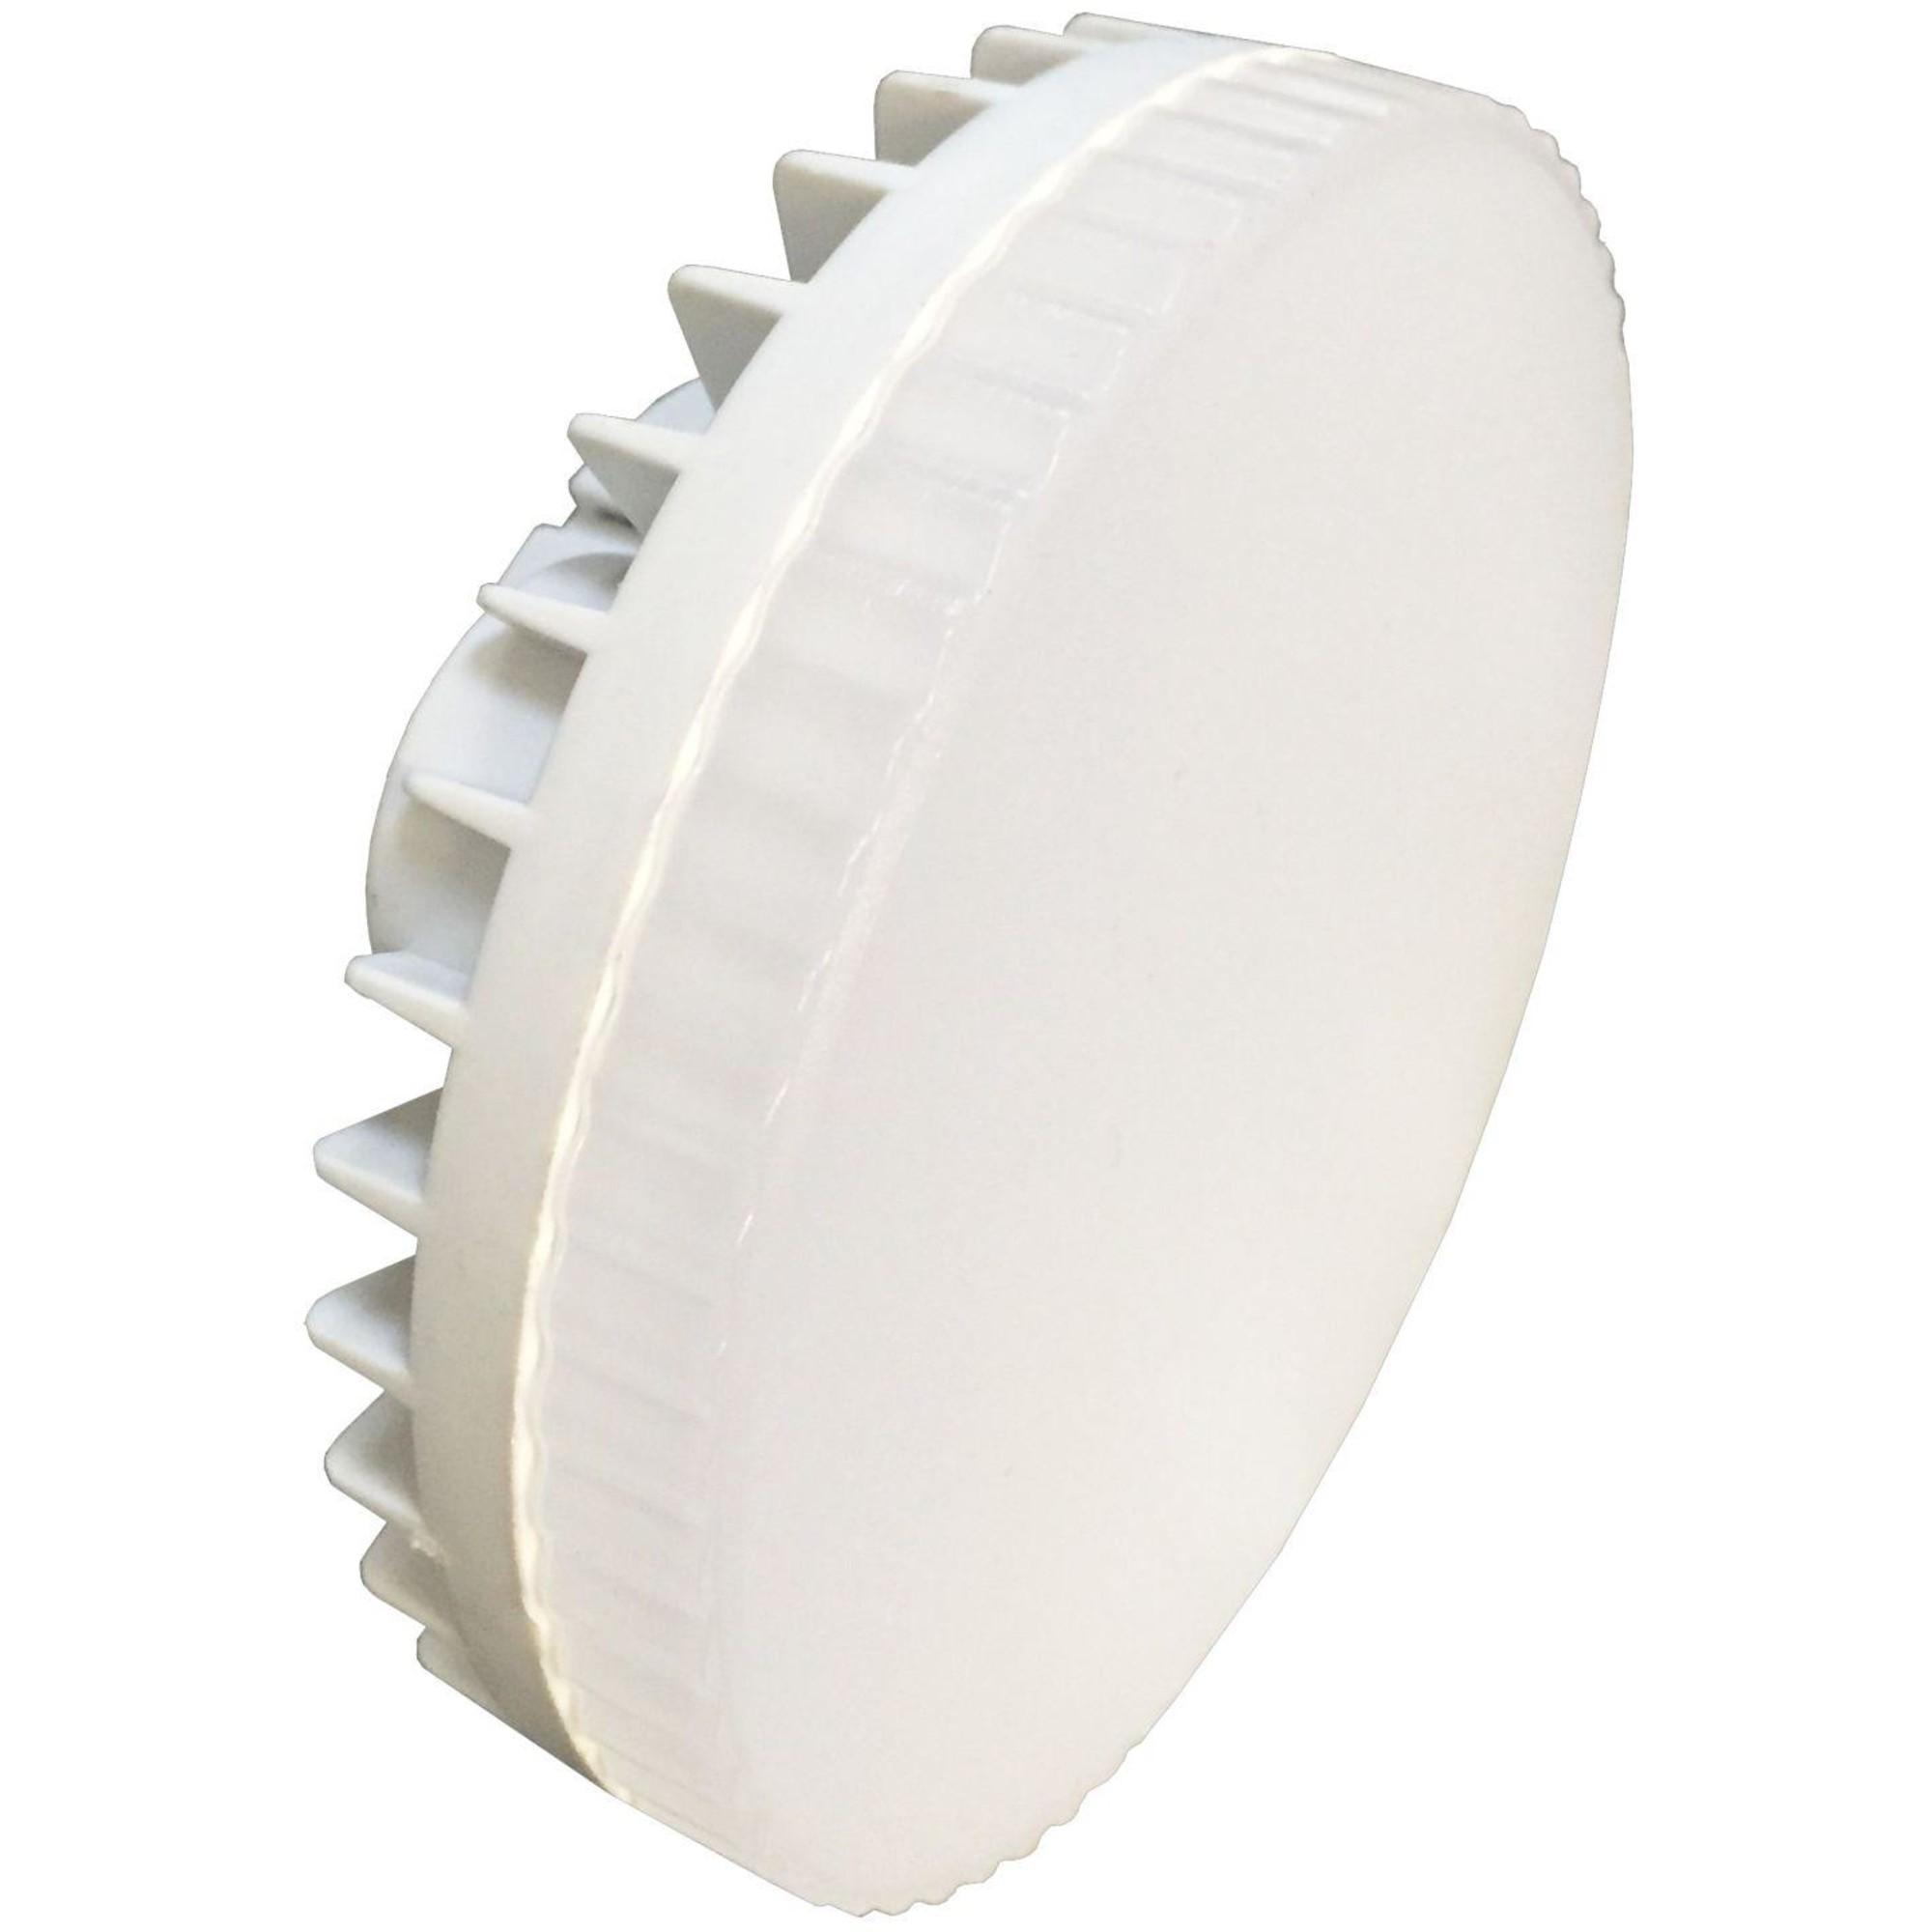 Лампа Ecola light светодионая GX53 8 Вт таблетка 560 Лм холодный свет